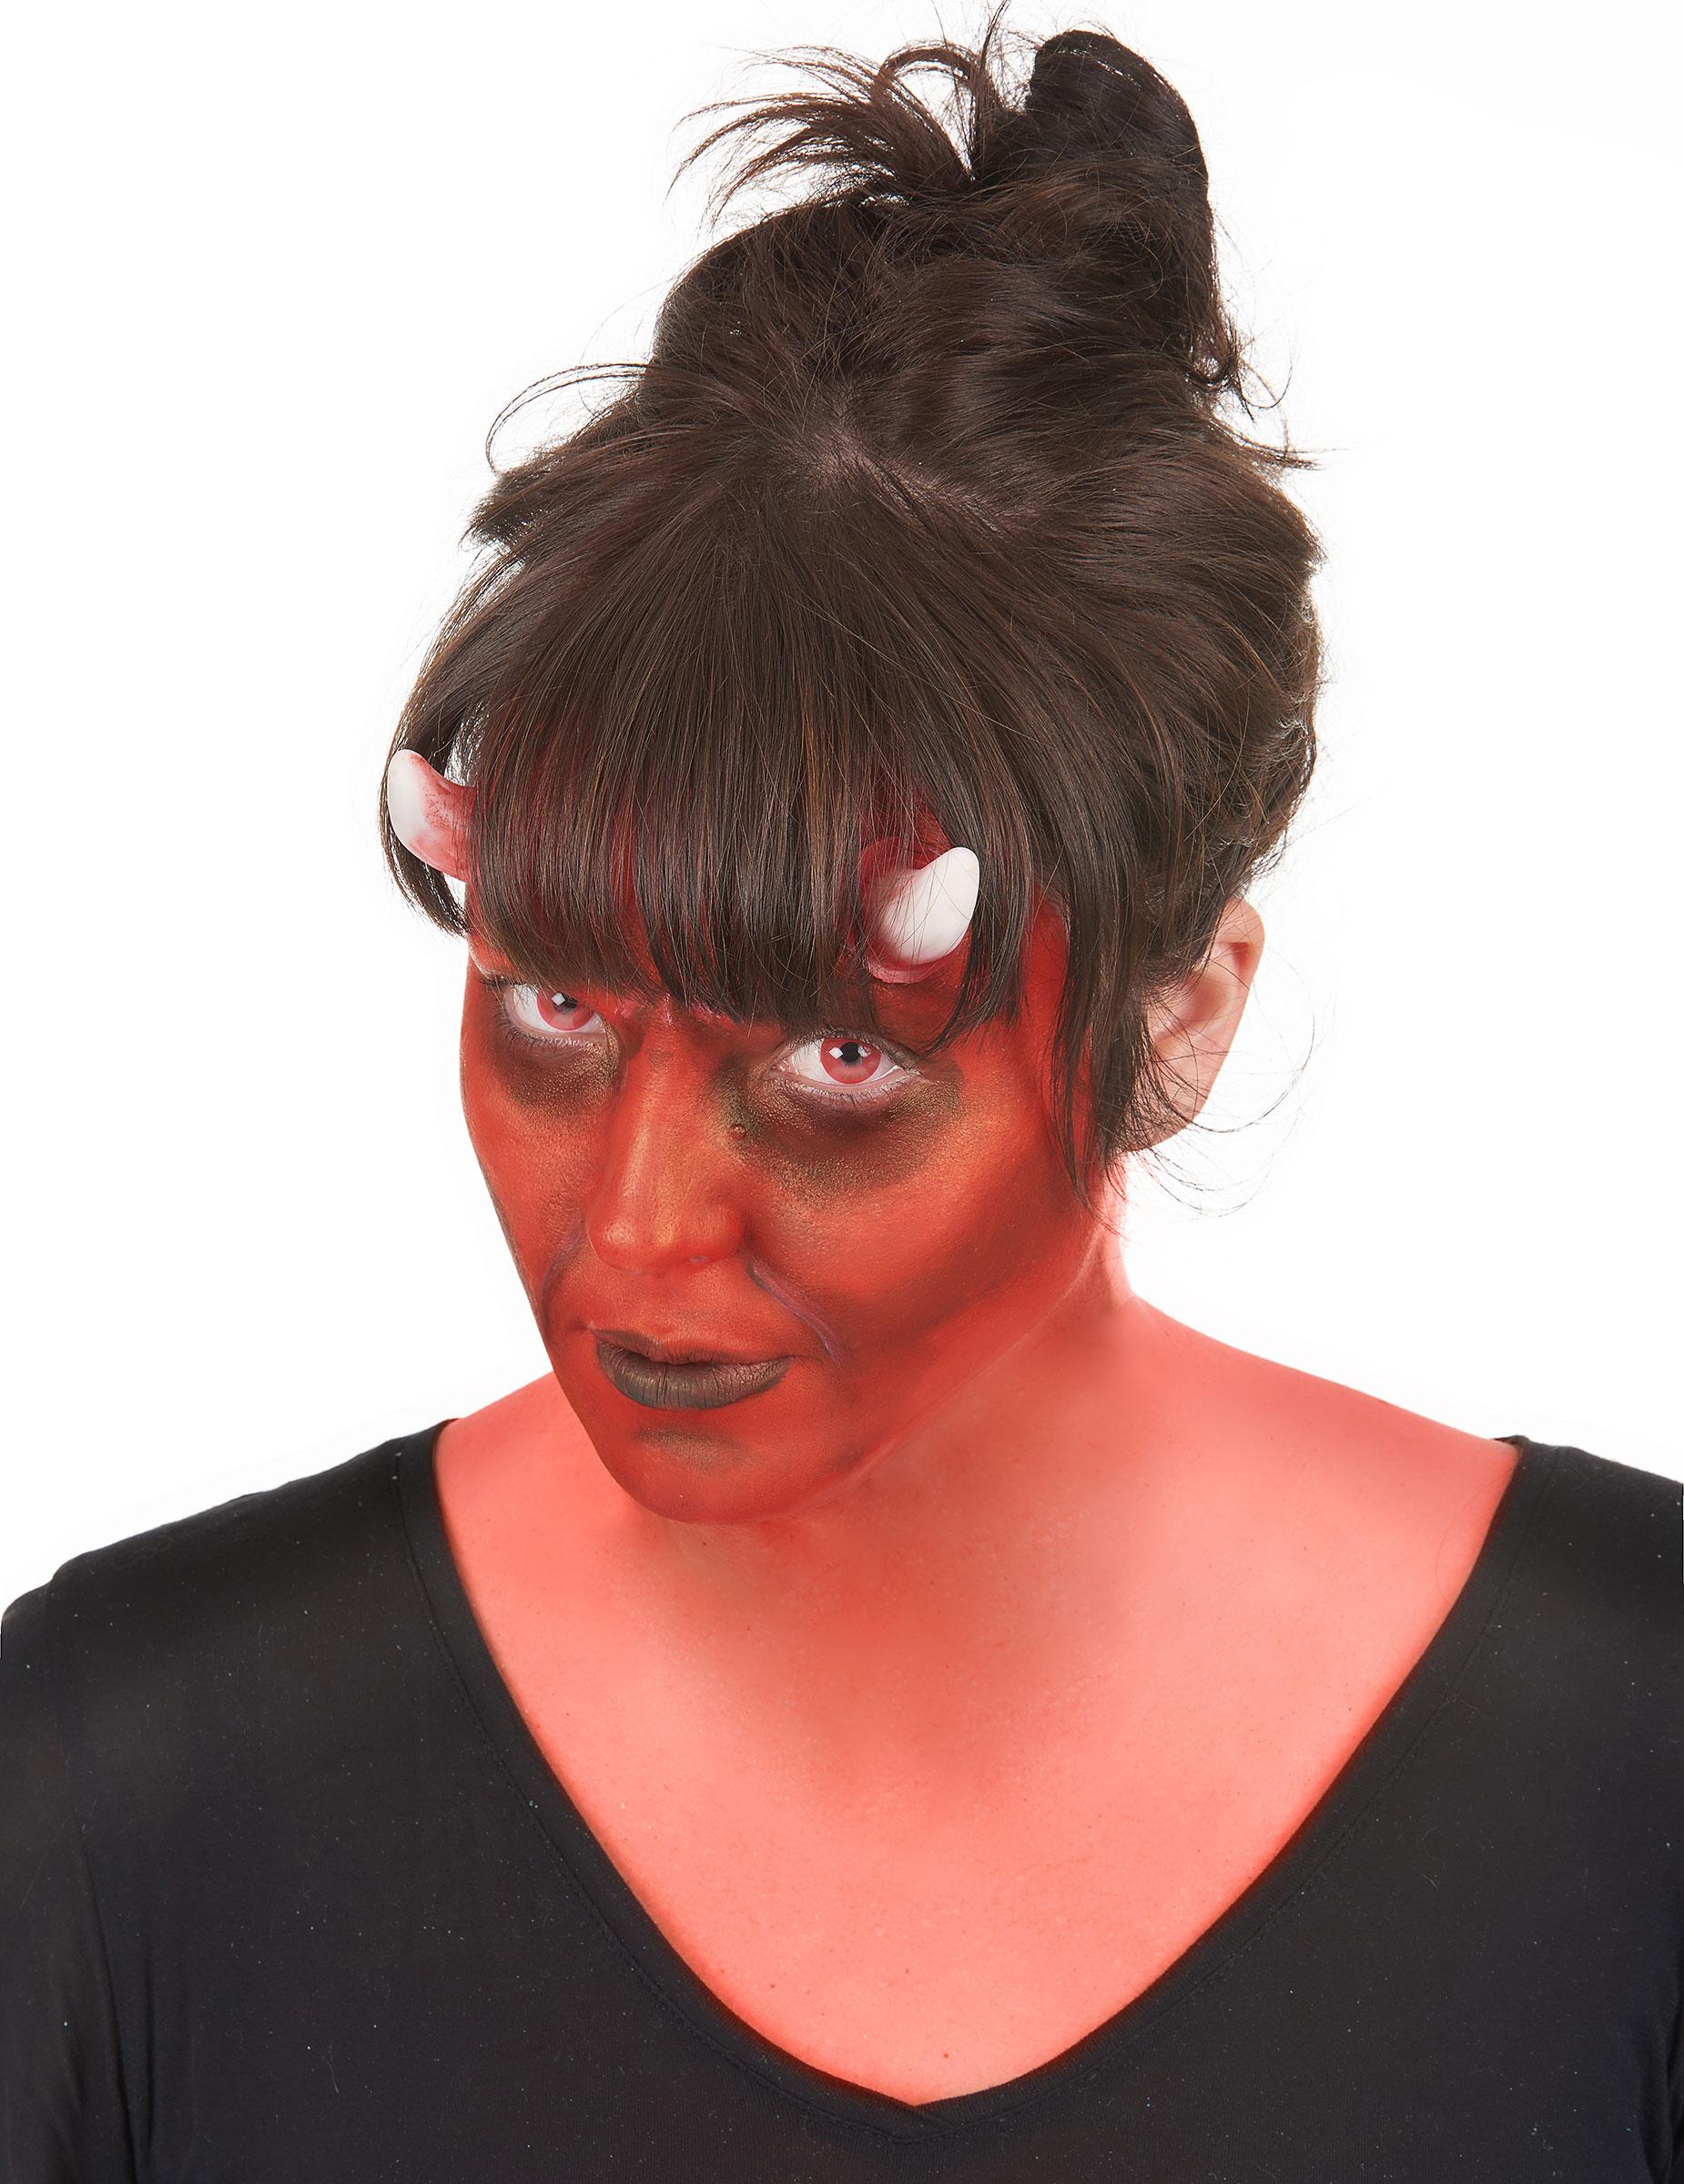 kit maquillaje lentillas fantasa demonio adulto halloween - Maquillaje Demonio